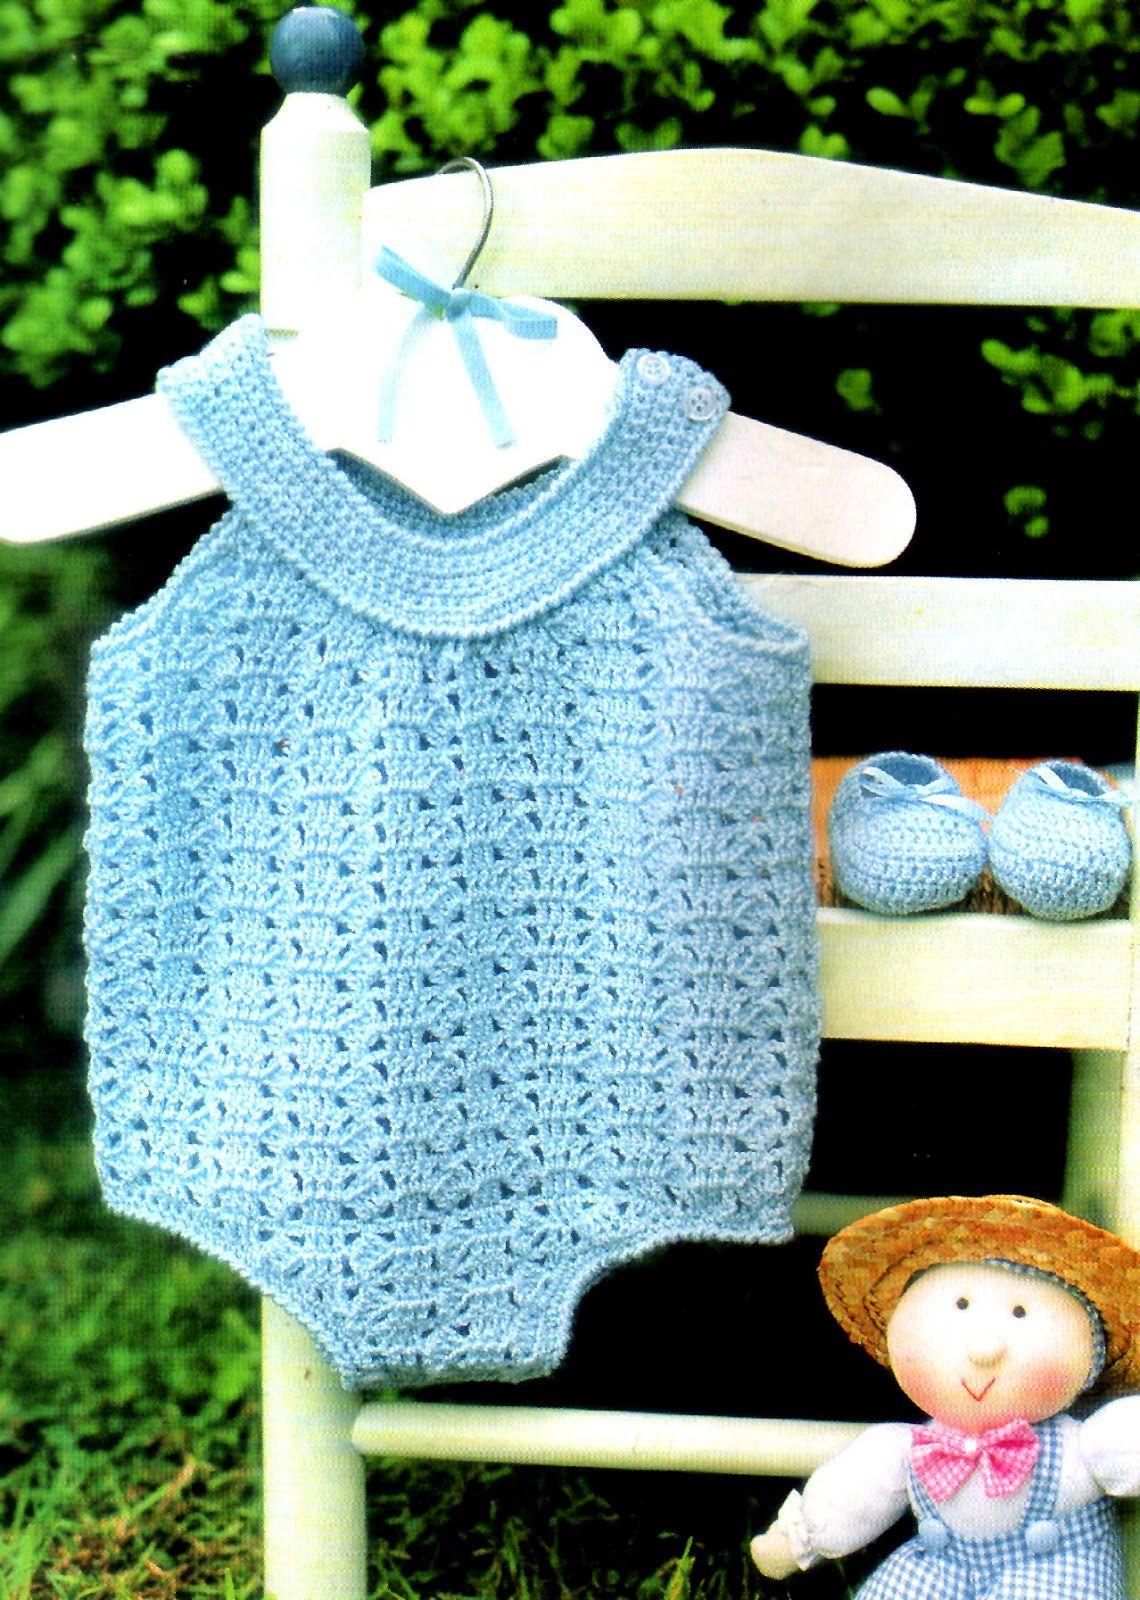 tejidos artesanales en crochet: bombachudo y esparpines en celeste ...